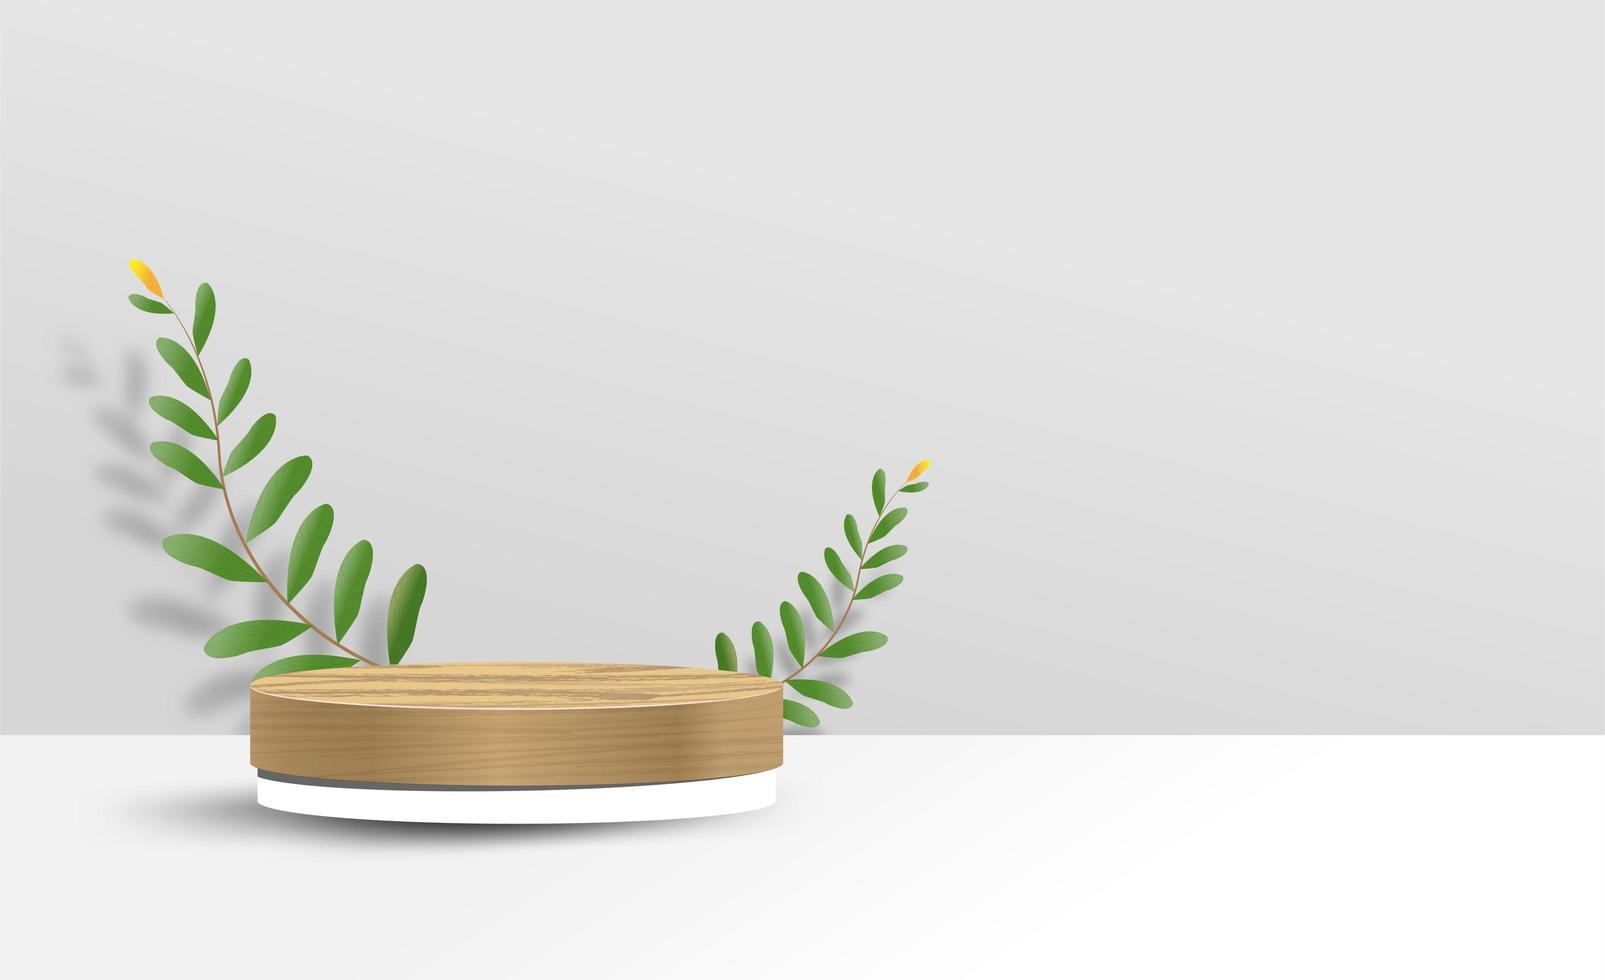 abstracte minimale mock-up met standaard en bladeren vector